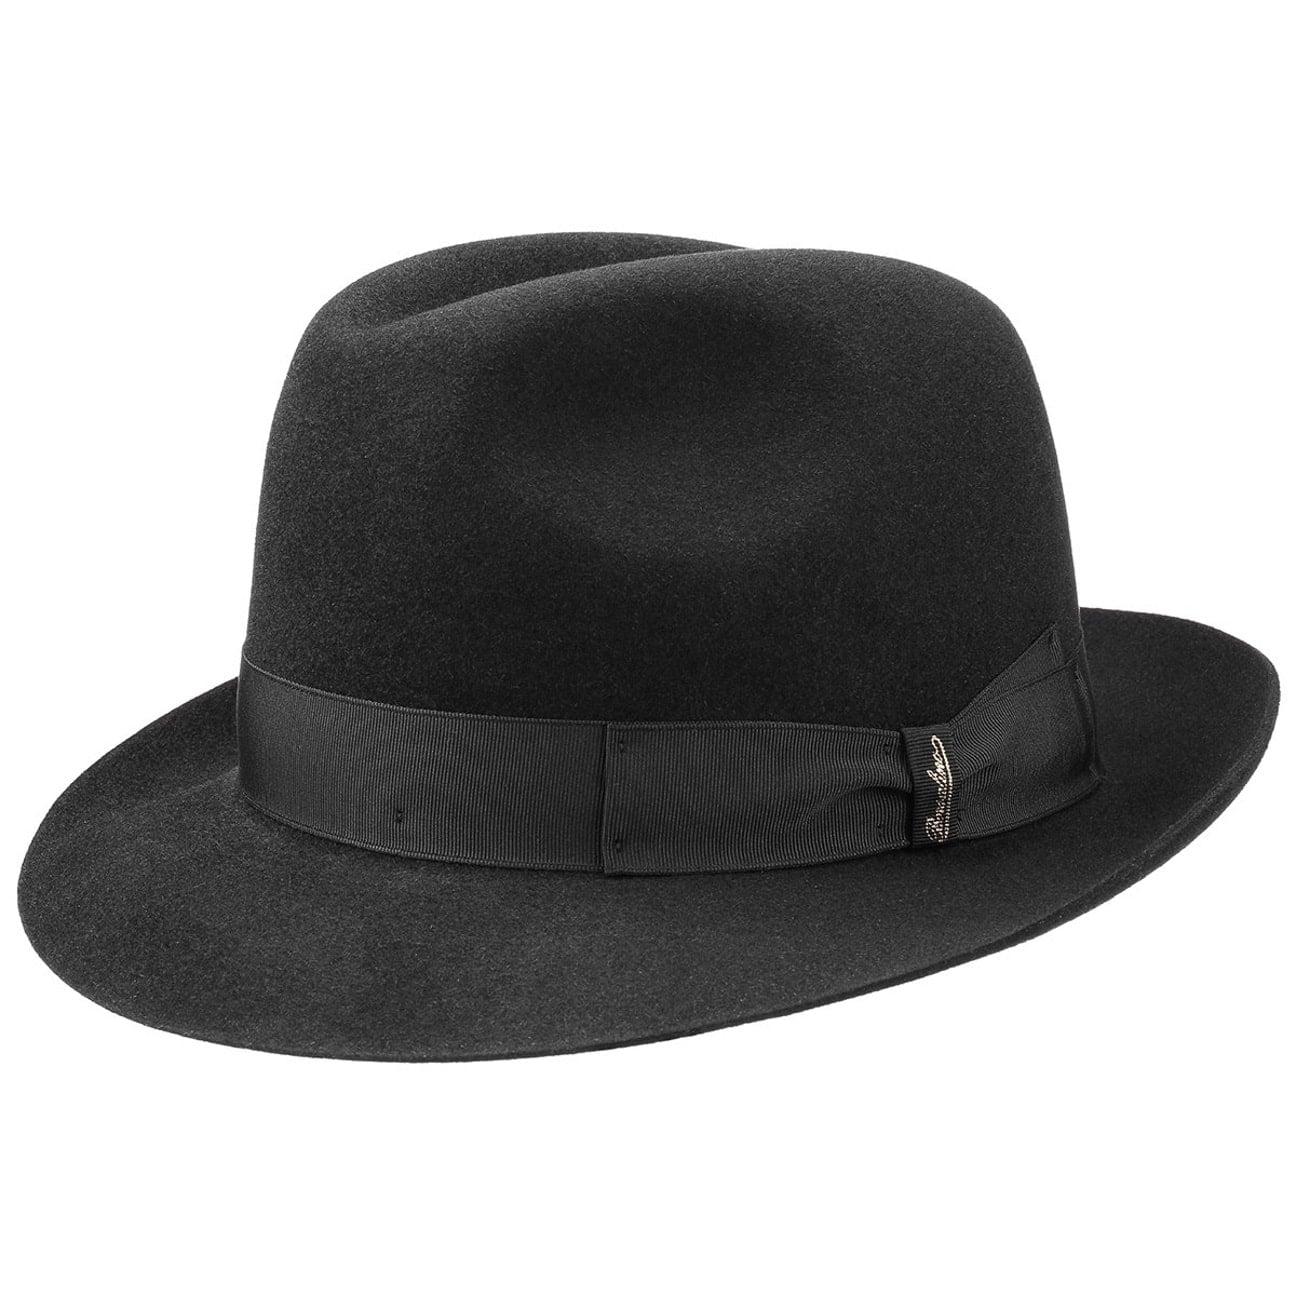 Sombrero Fieltro Pelo Georgio by Borsalino - Sombreros - sombreroshop.es a9cf1231367d